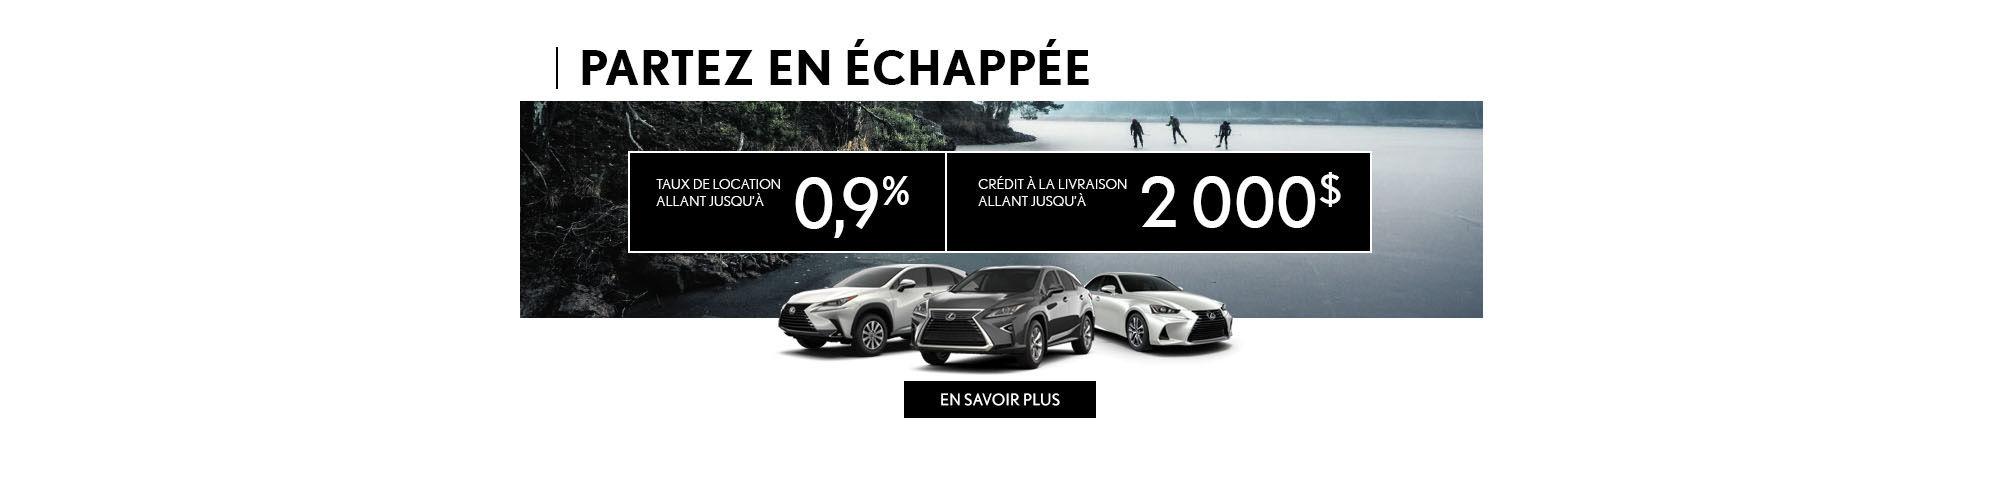 Lexus Partez en échappée